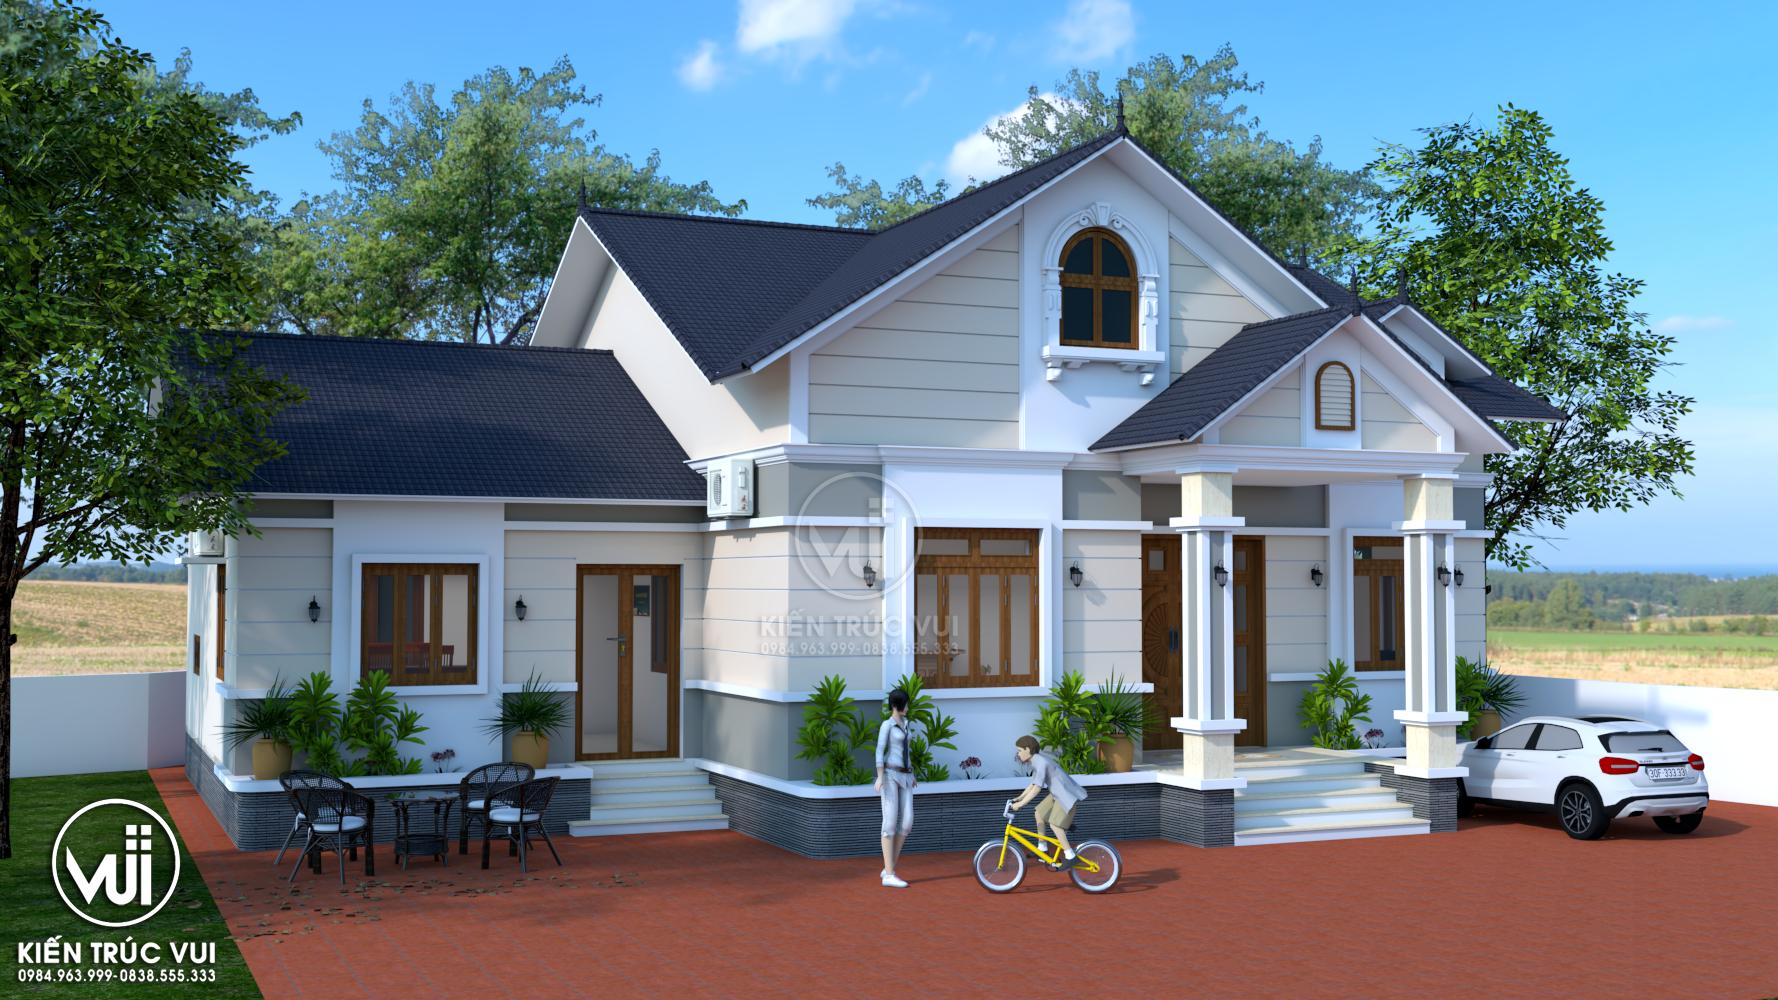 Nhà chính và khu công trình phụ mái thái